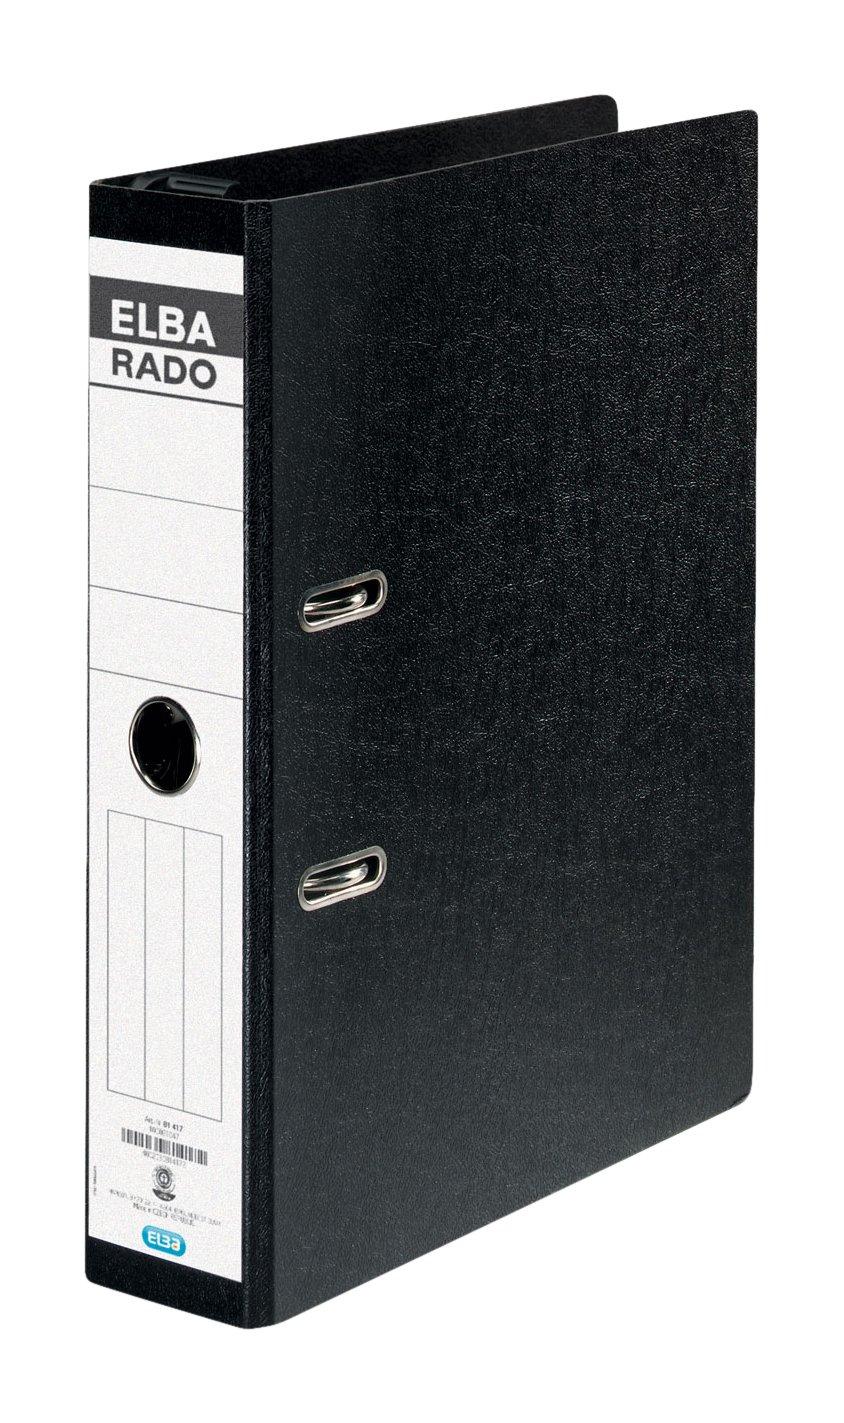 Elba Rado 81417 - Archivador de anillas colgante (A4, 7,5 cm de grosor, etiqueta, 10 unidades), color negro: Amazon.es: Oficina y papelería